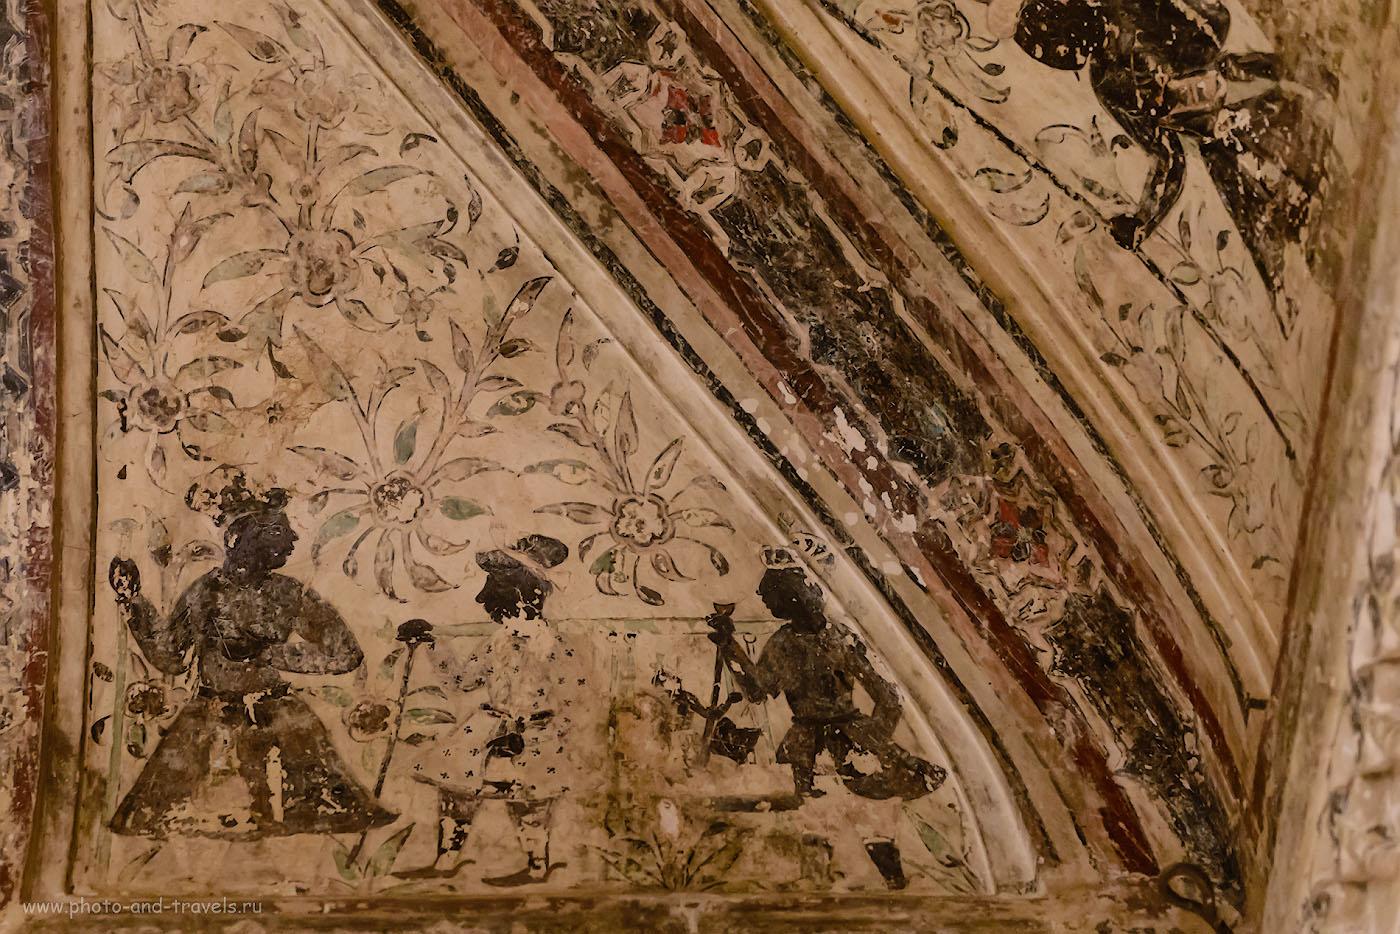 Фотография 7. Фрески эти написаны в период эпохи возрождения. Как видим, художникам из Орчхи было далеко до Микеланджело, разукрасившего Сикстинскую капеллу.